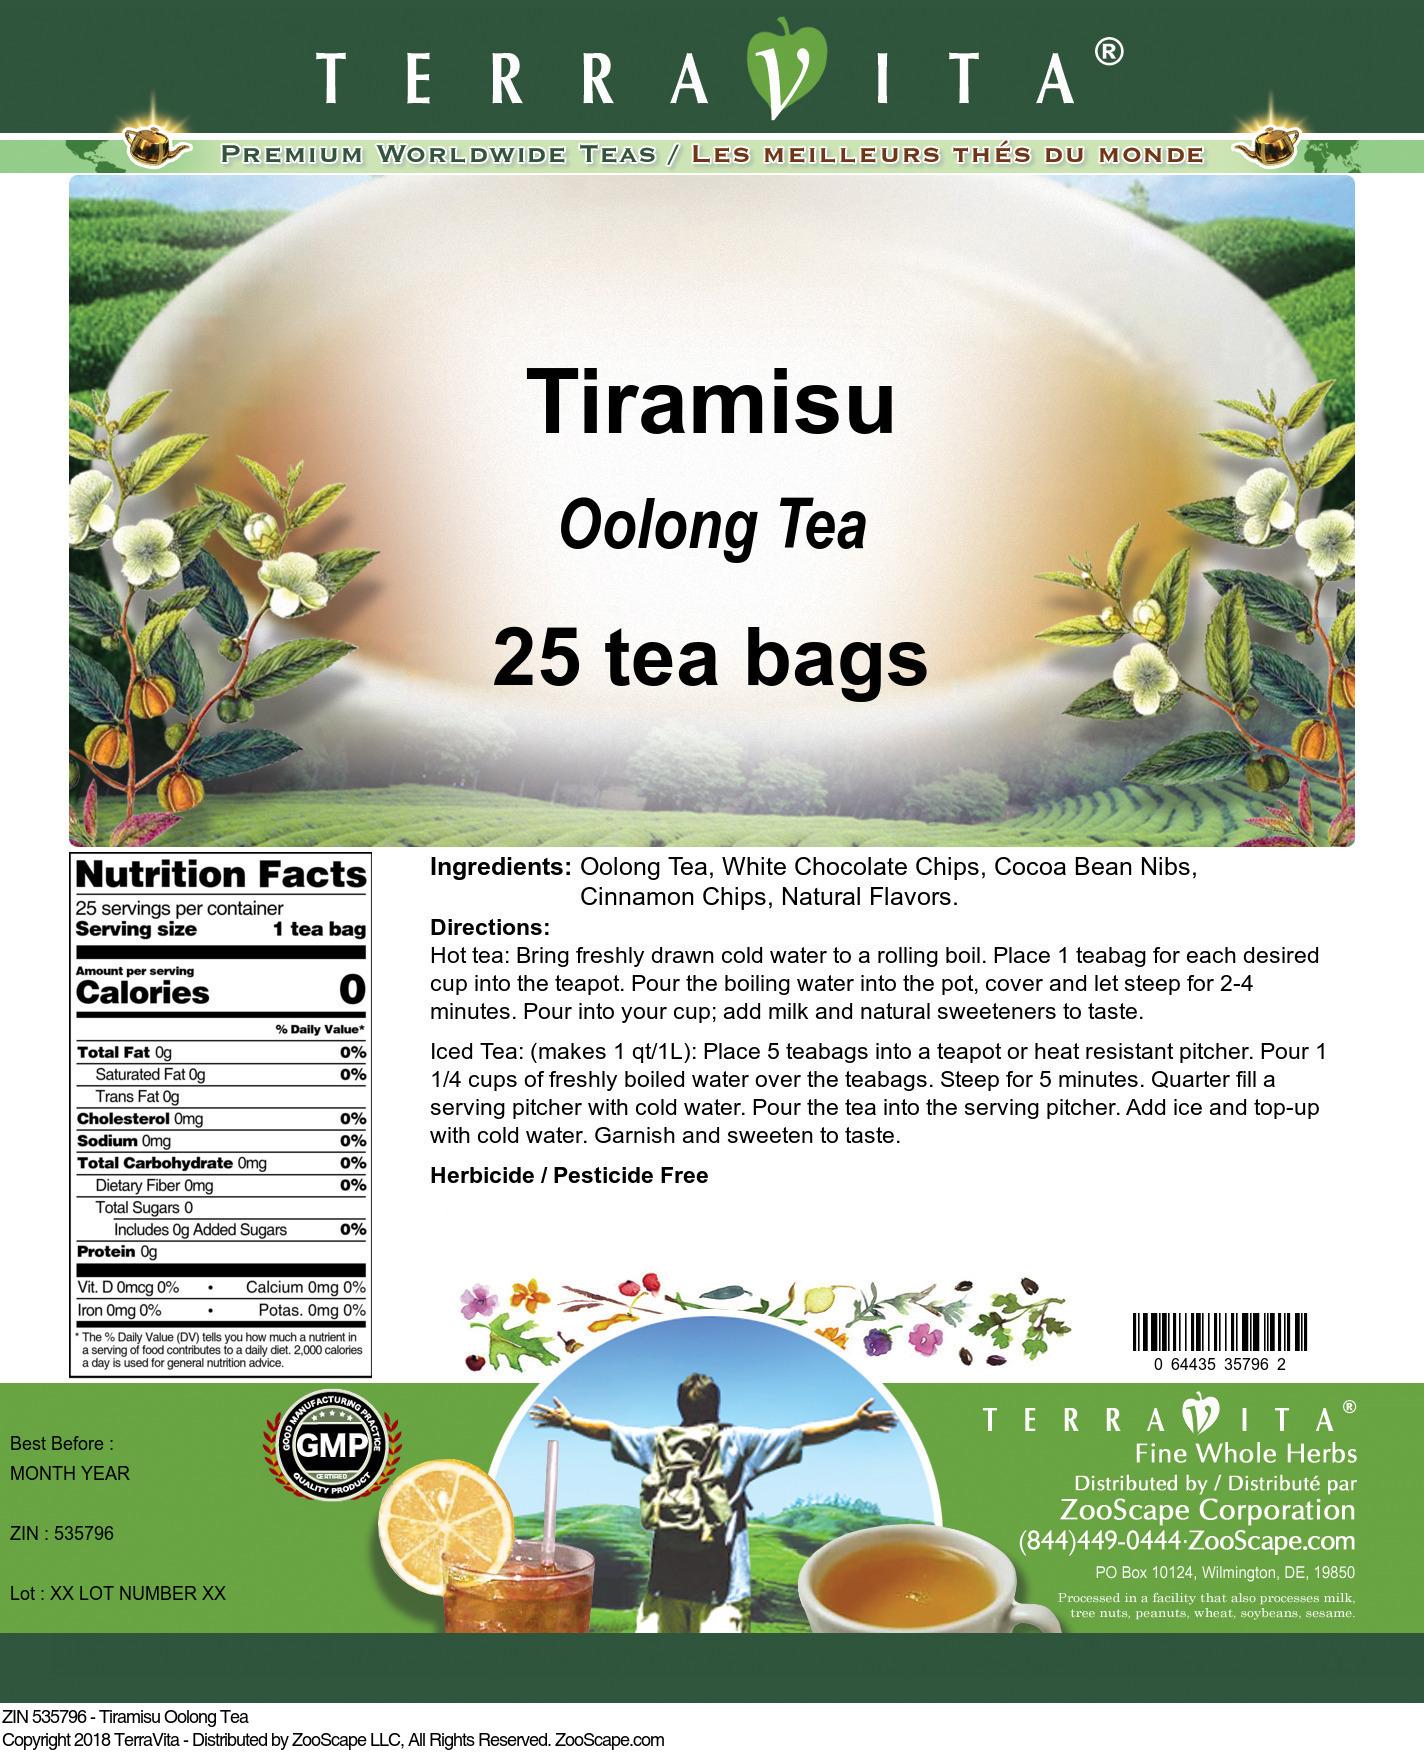 Tiramisu Oolong Tea